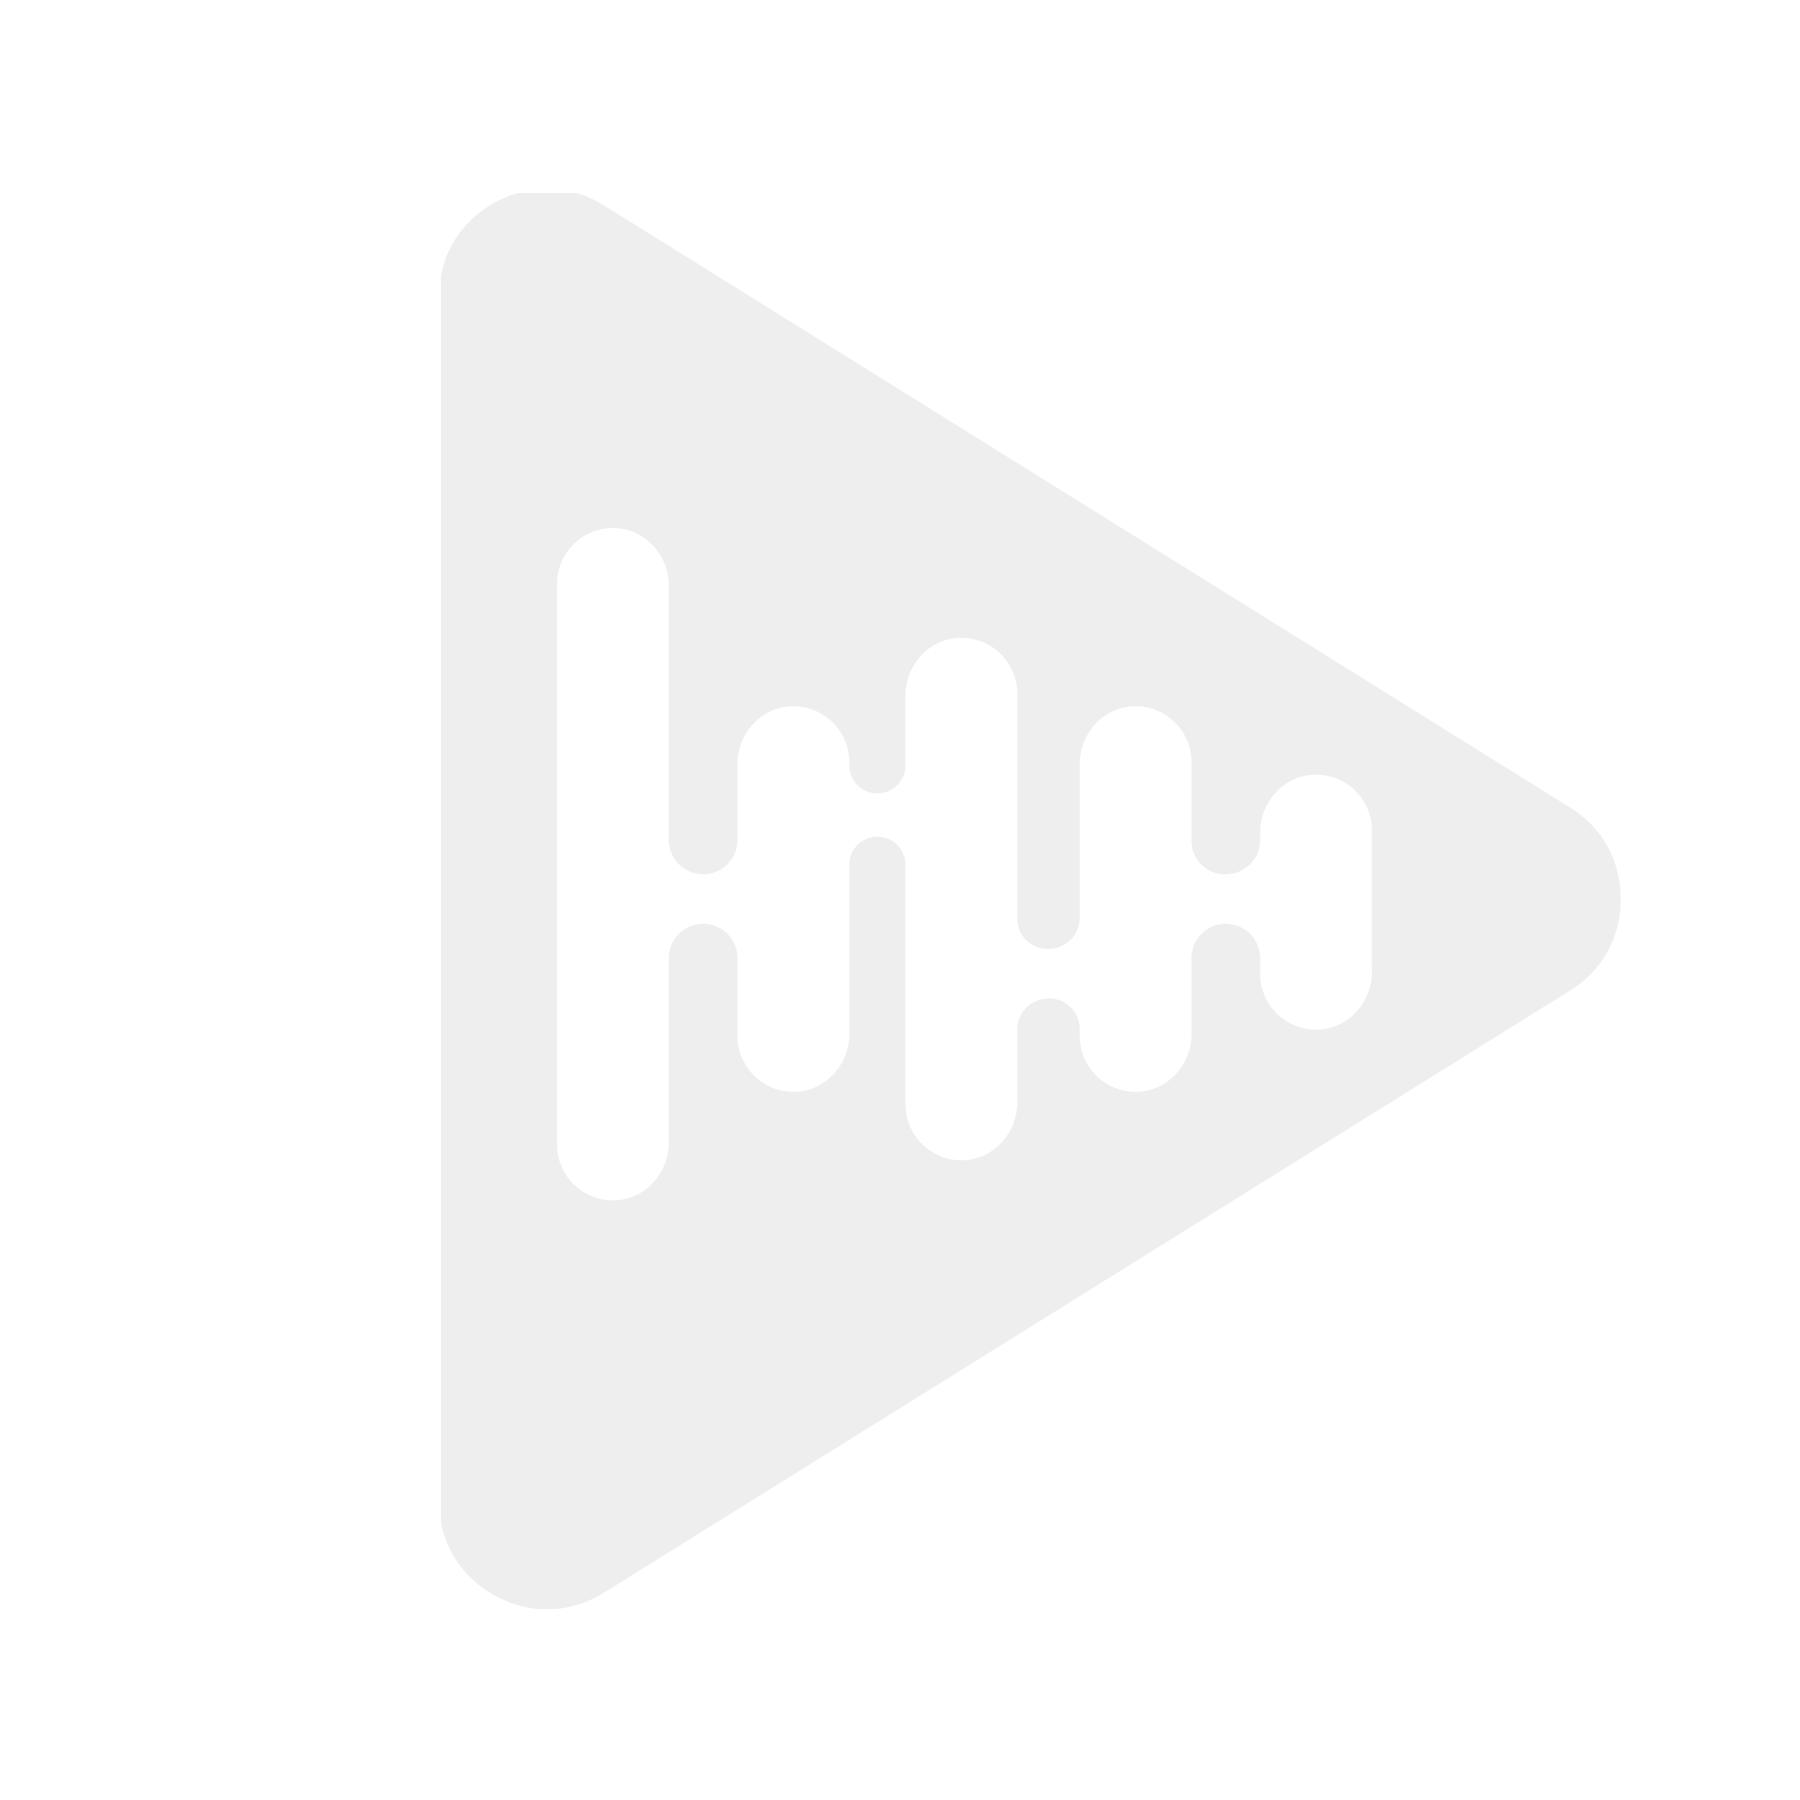 Hertz Mille Pro MPK 163.3